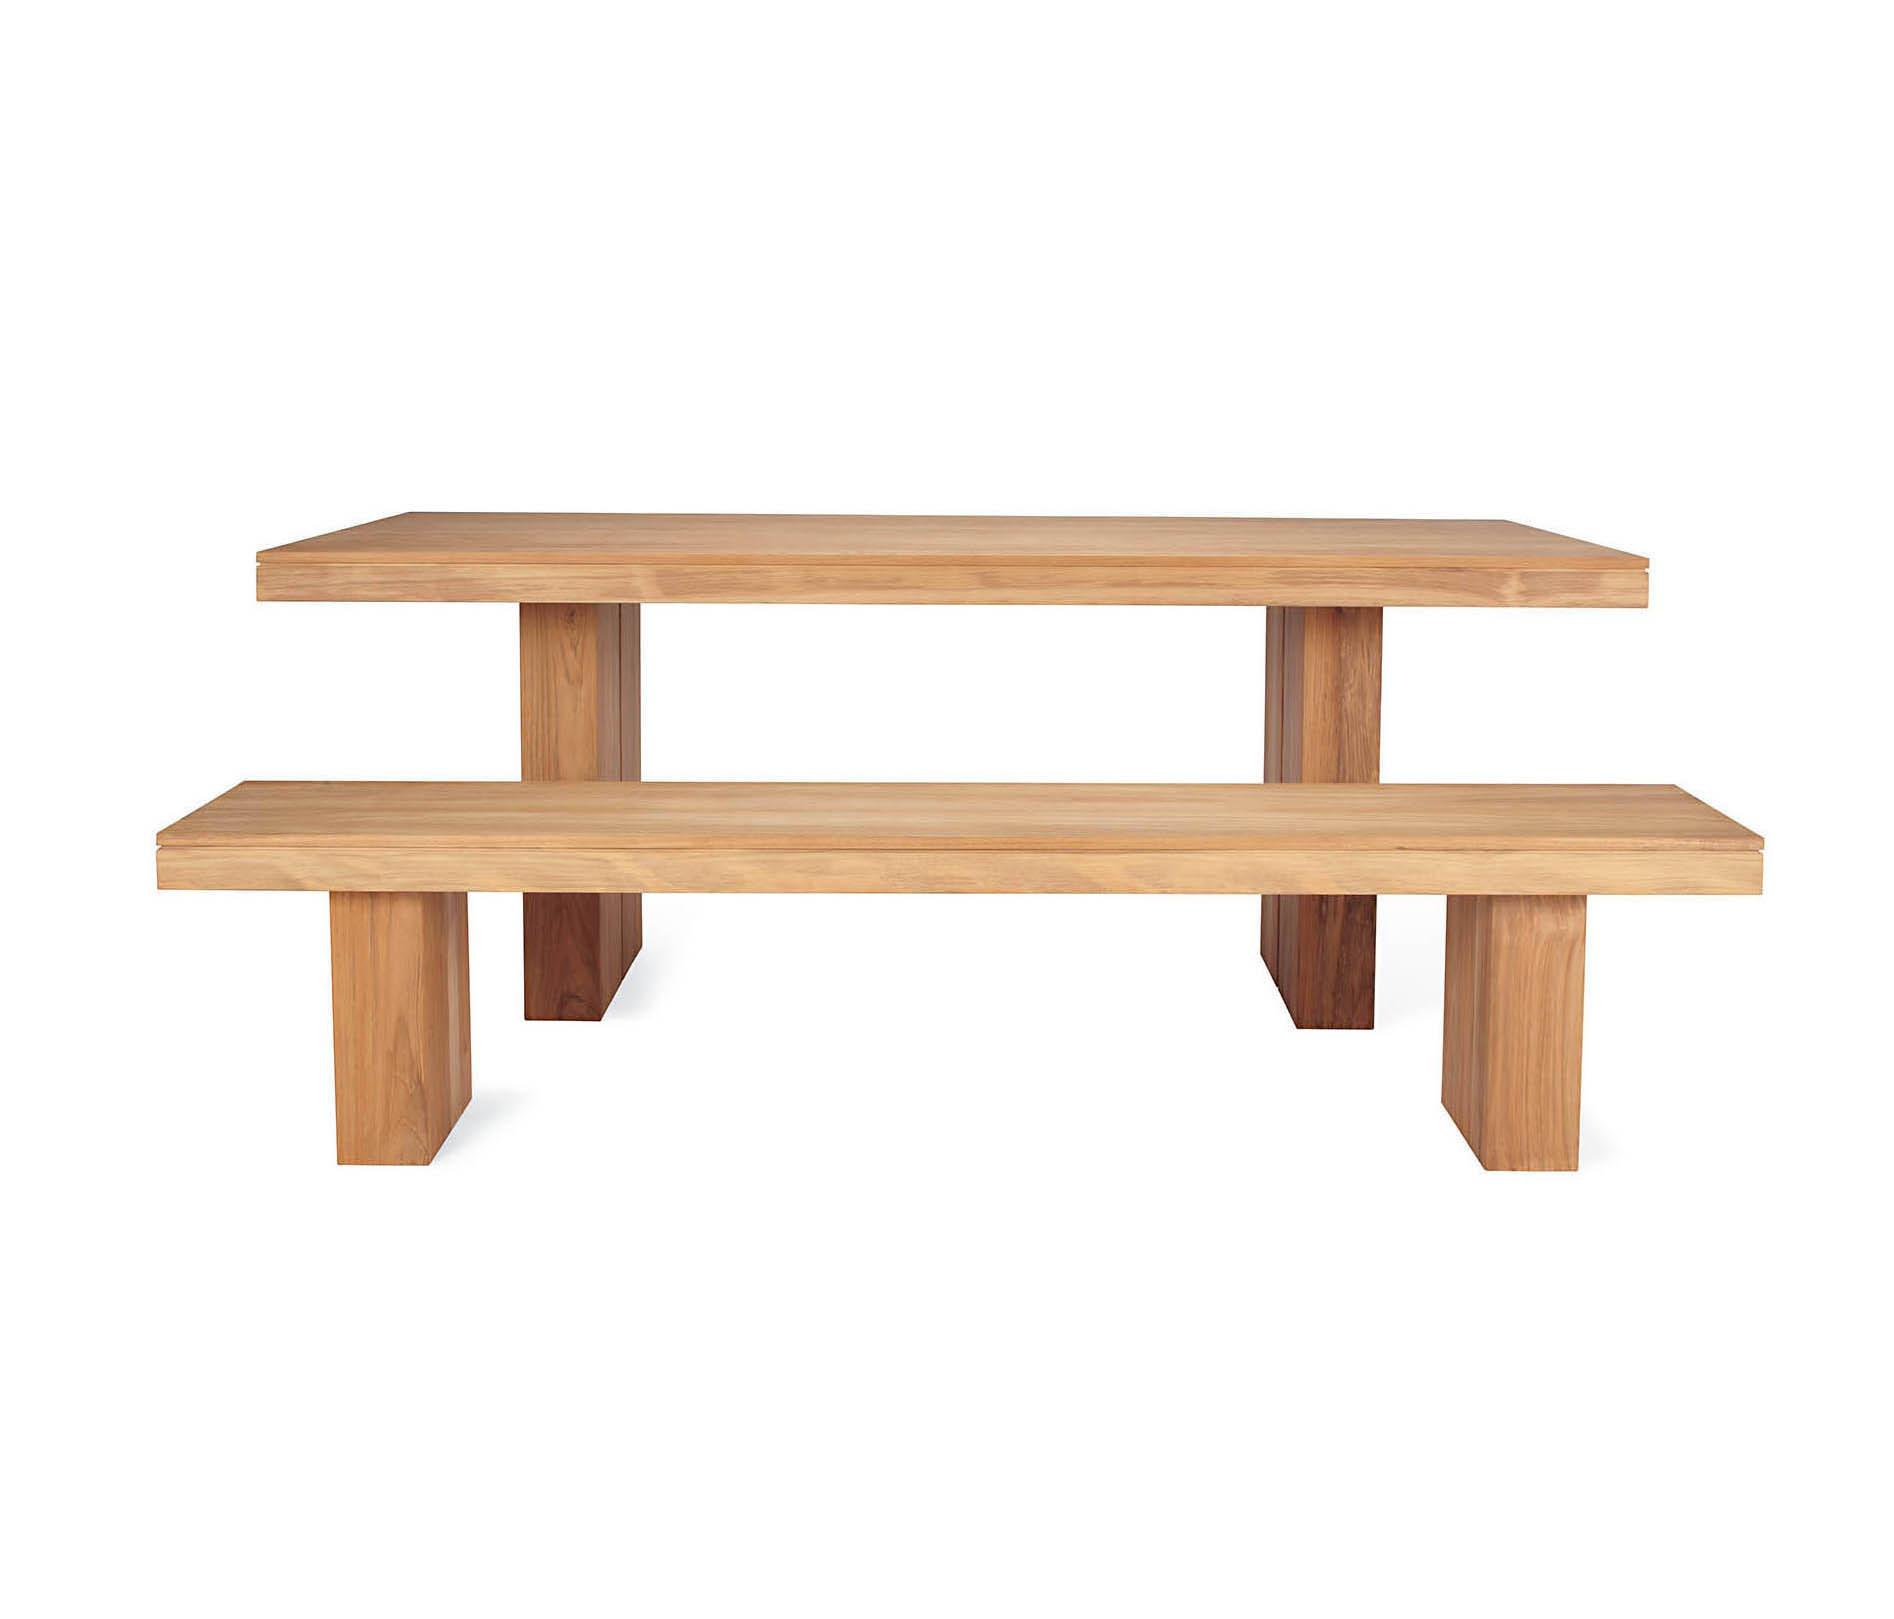 Kayu Teak Dining Table Gallery Dining Table Ideas : kayudiningtable 38672 2 b from sorahana.info size 1894 x 1619 jpeg 105kB